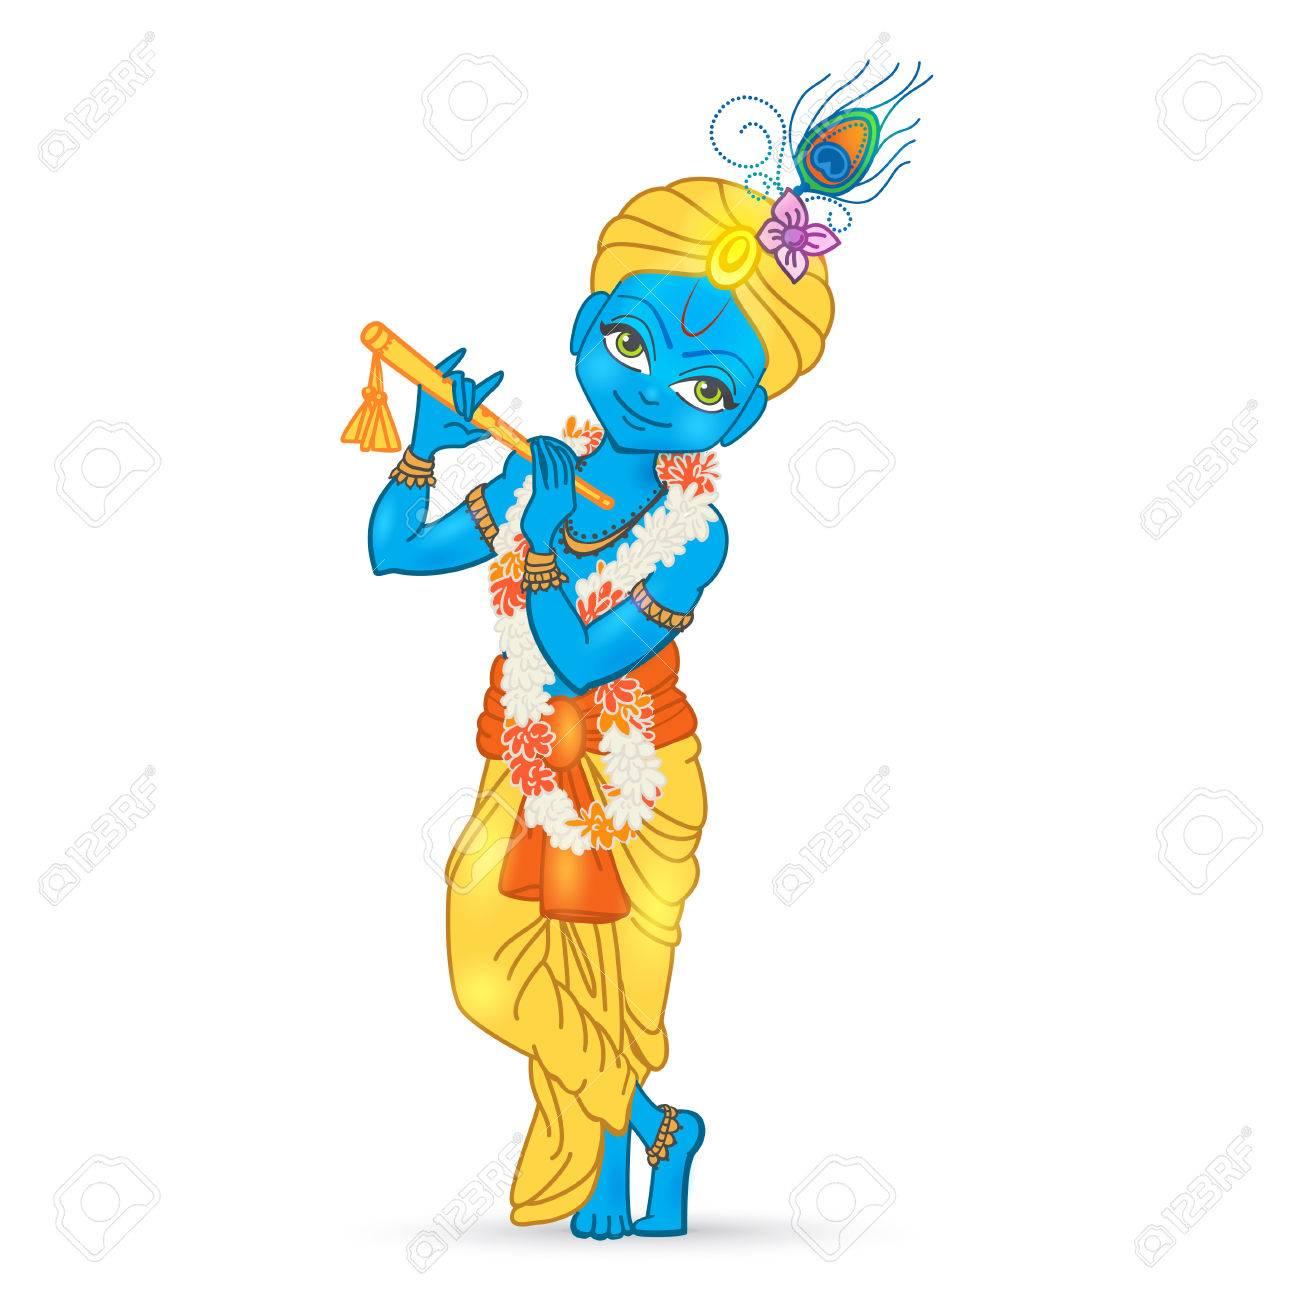 Krishna Drawing | Free download best Krishna Drawing on